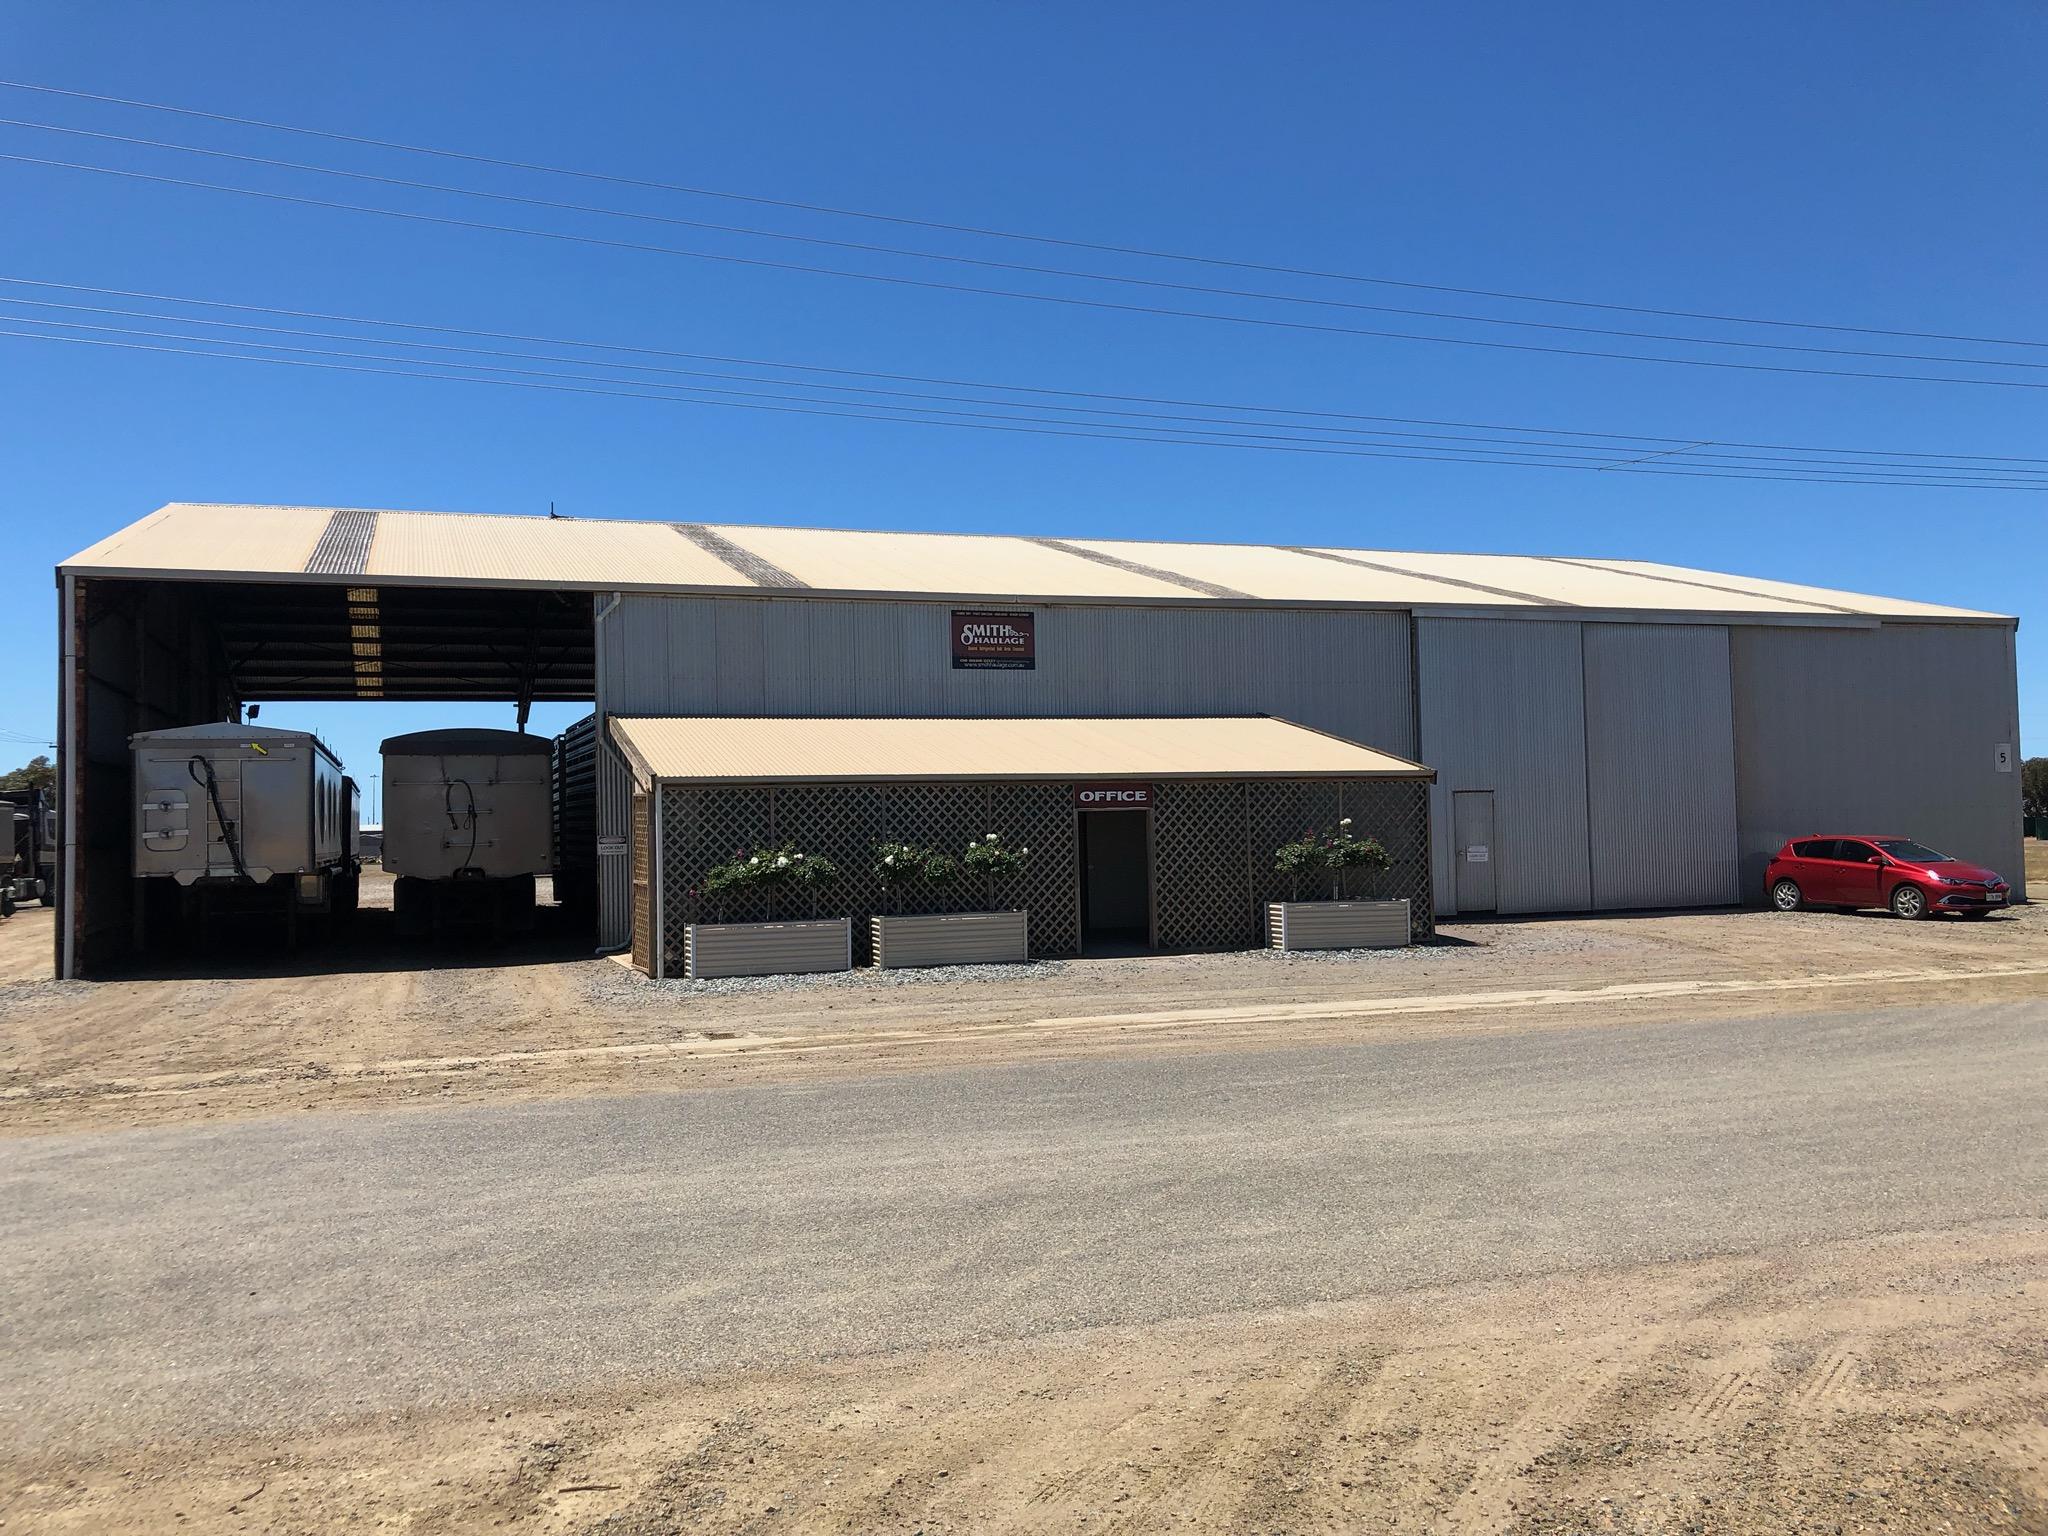 https://www.smithhaulage.com.au/wp-content/uploads/2019/02/Tumby-Bay-Depot.jpg